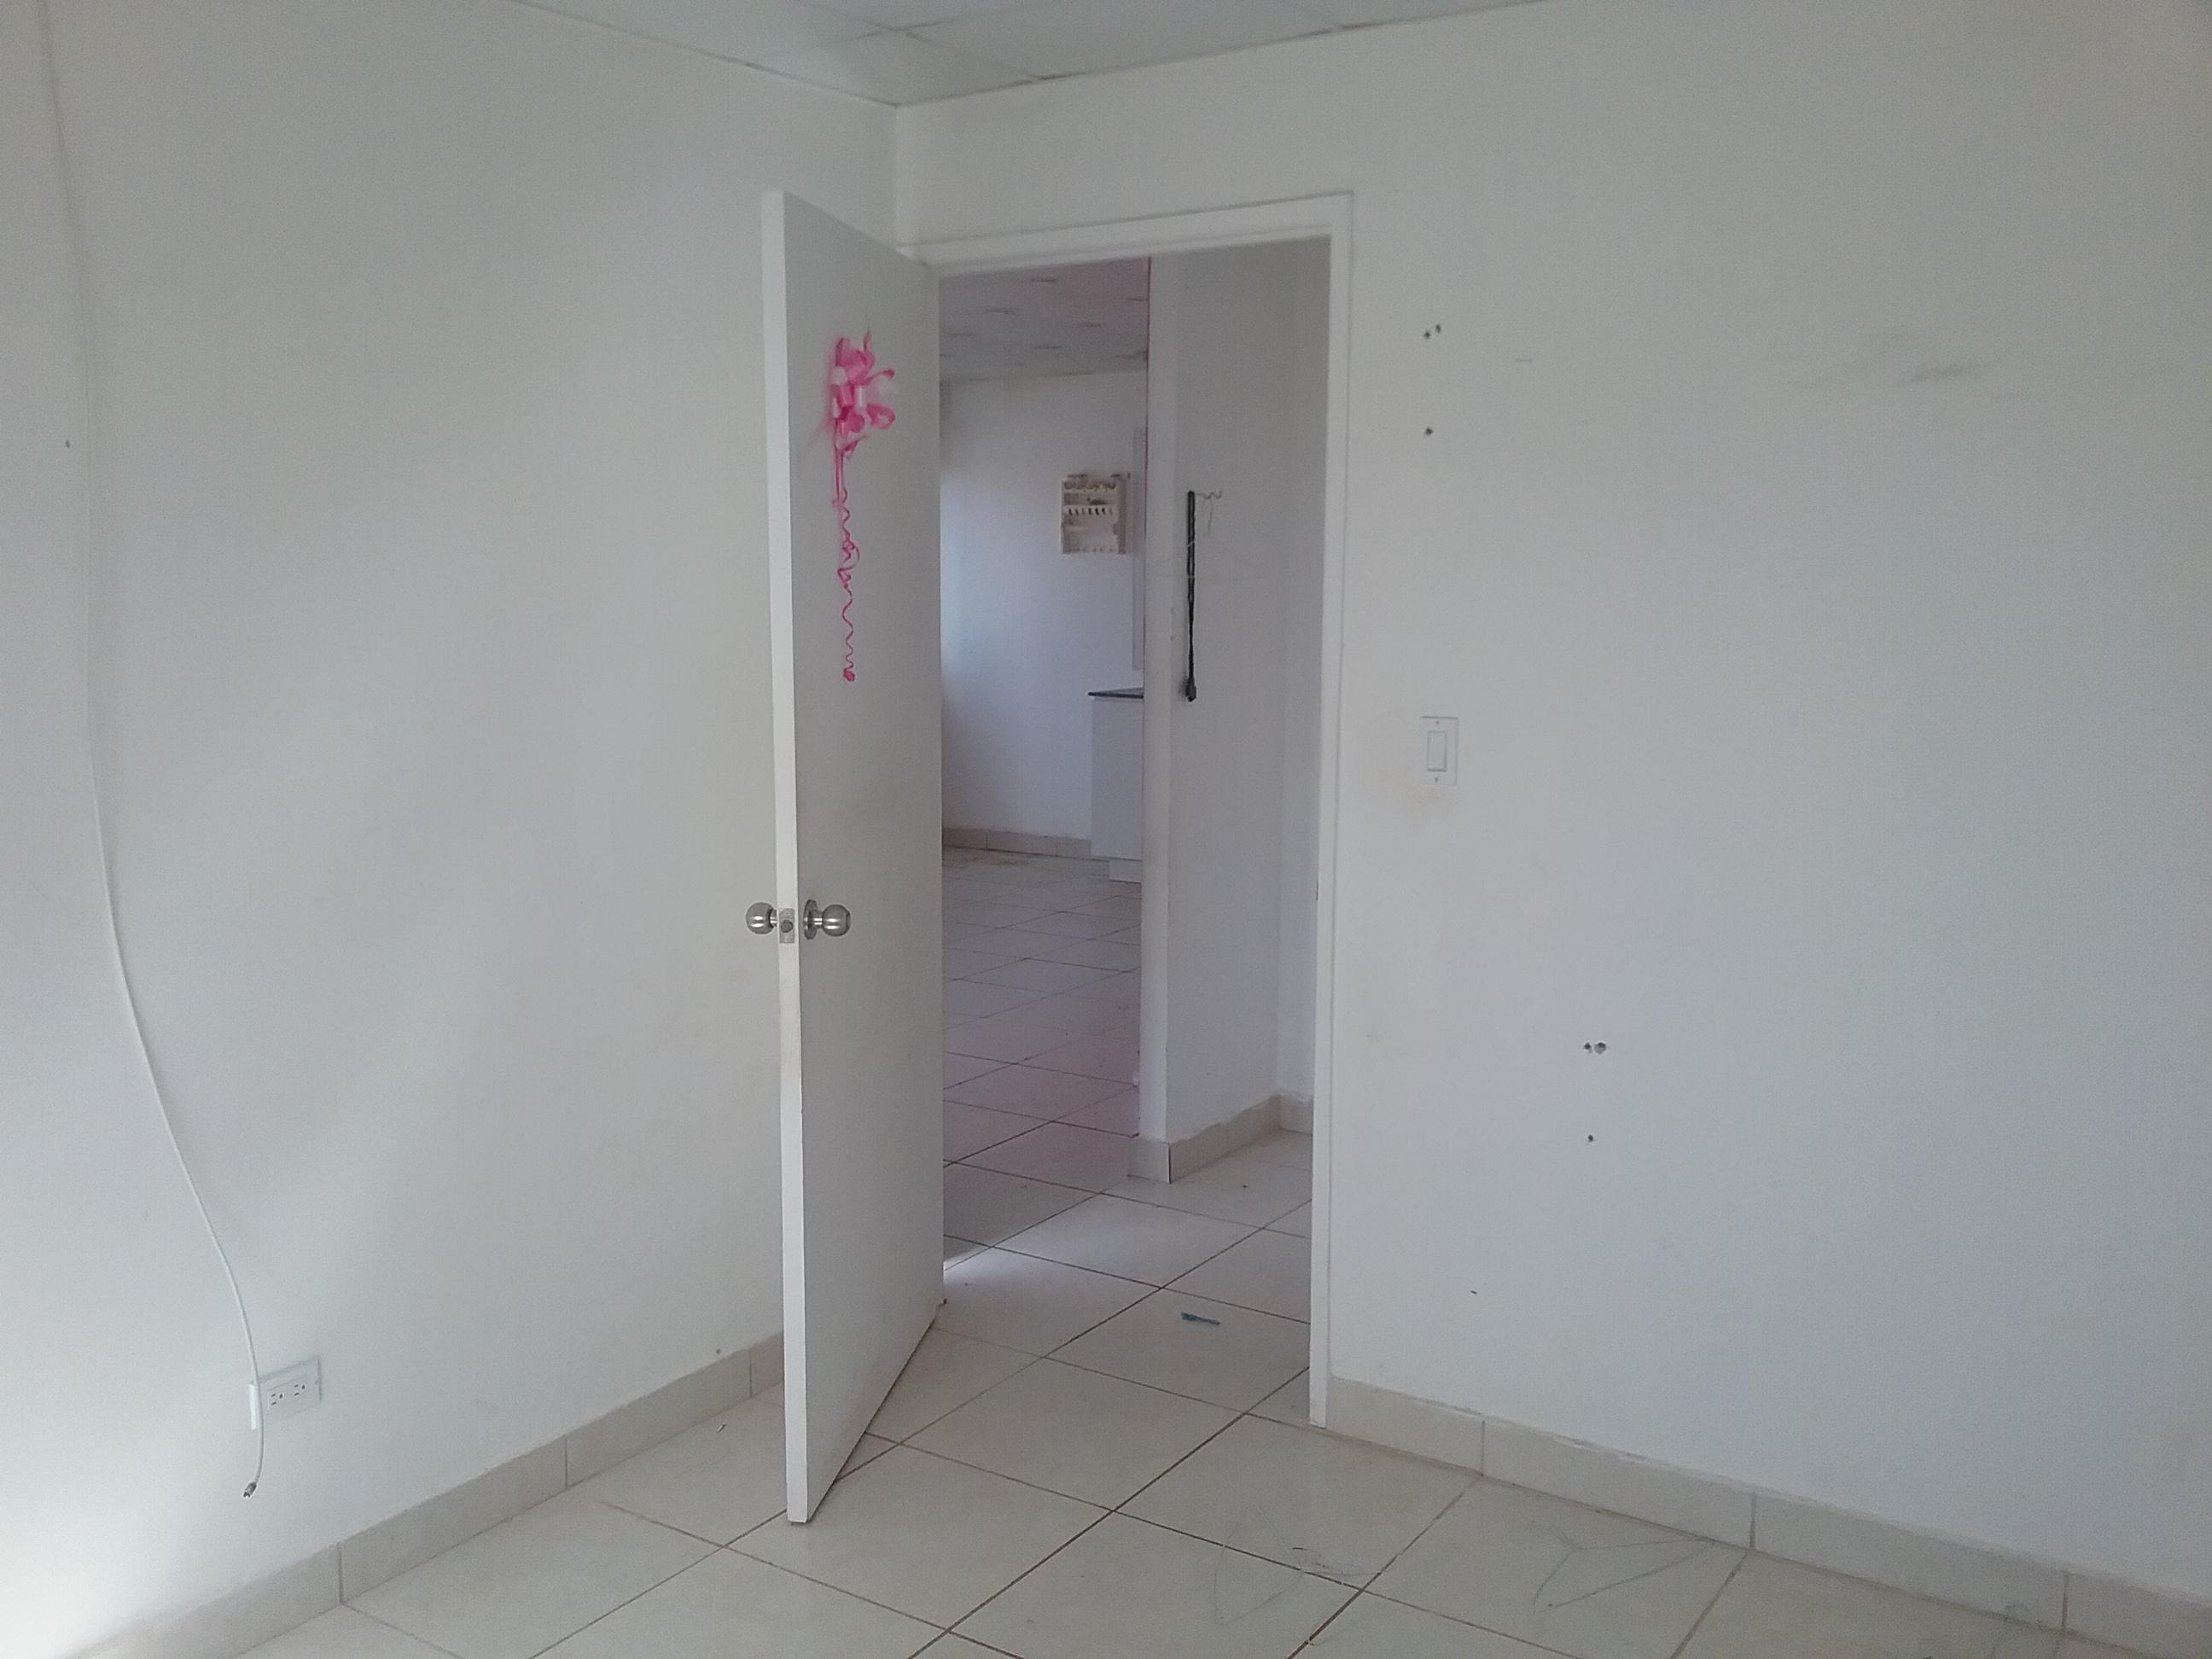 Casa En Venta En La chorrera En Chorrera - Código: 18-6565